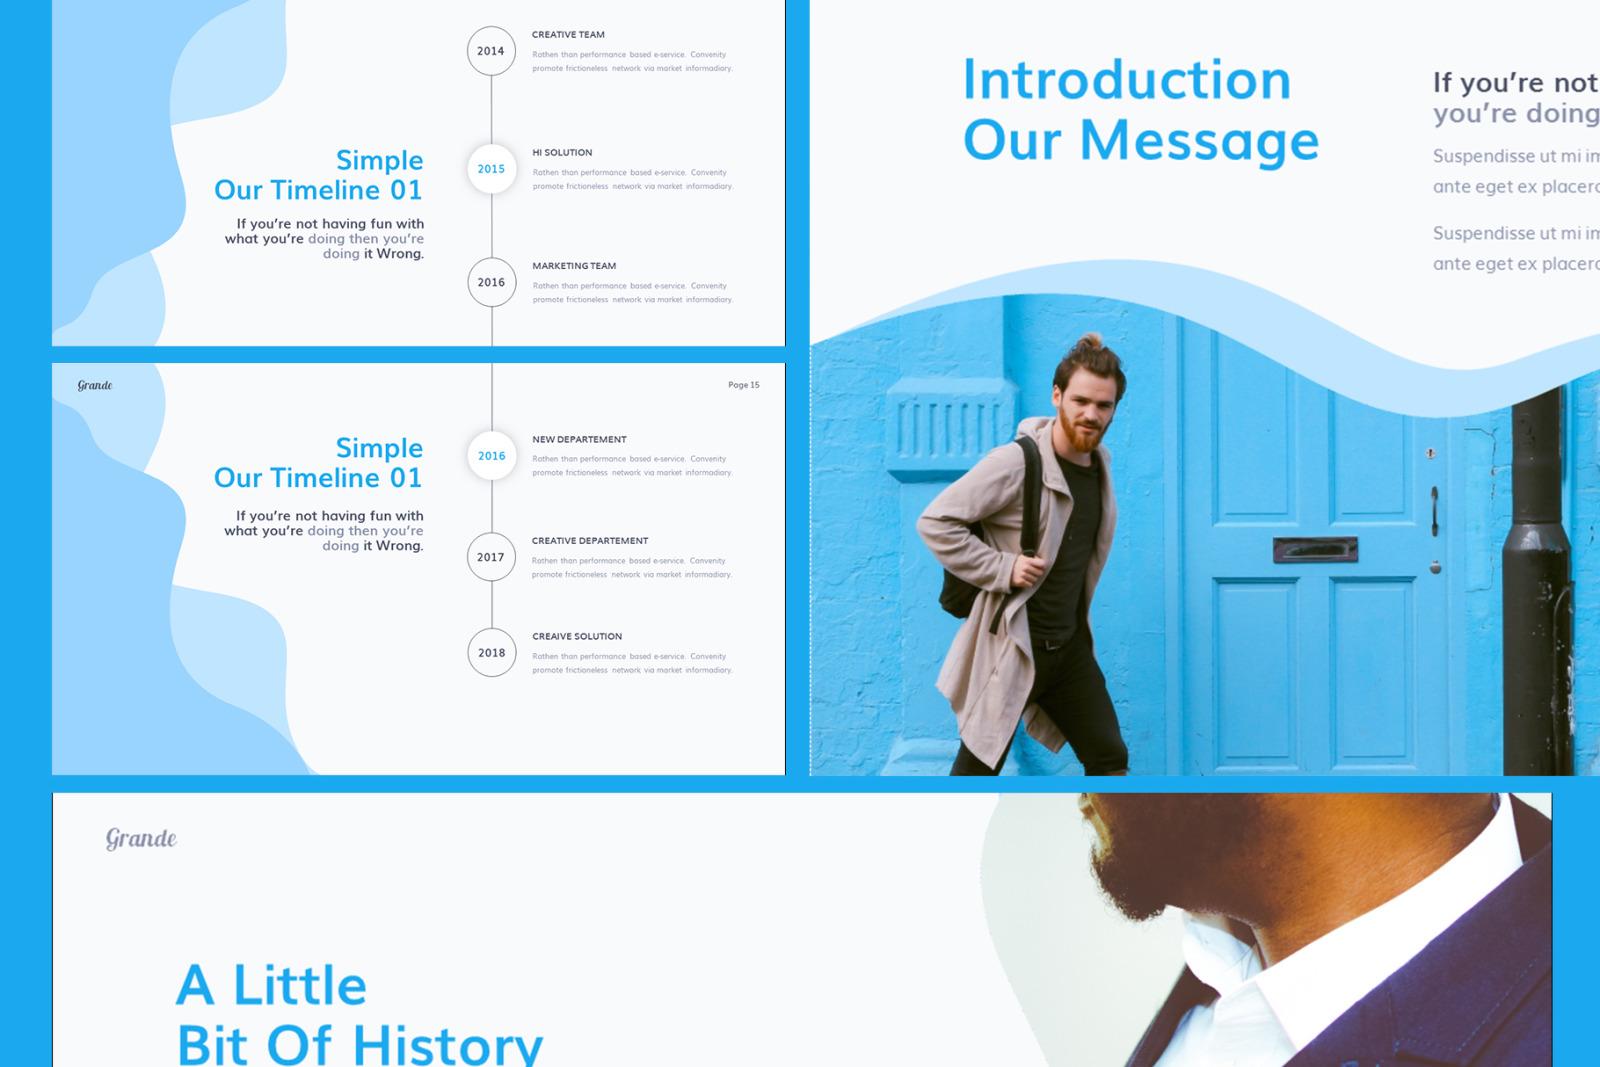 Grande-PowerPoint Presentation